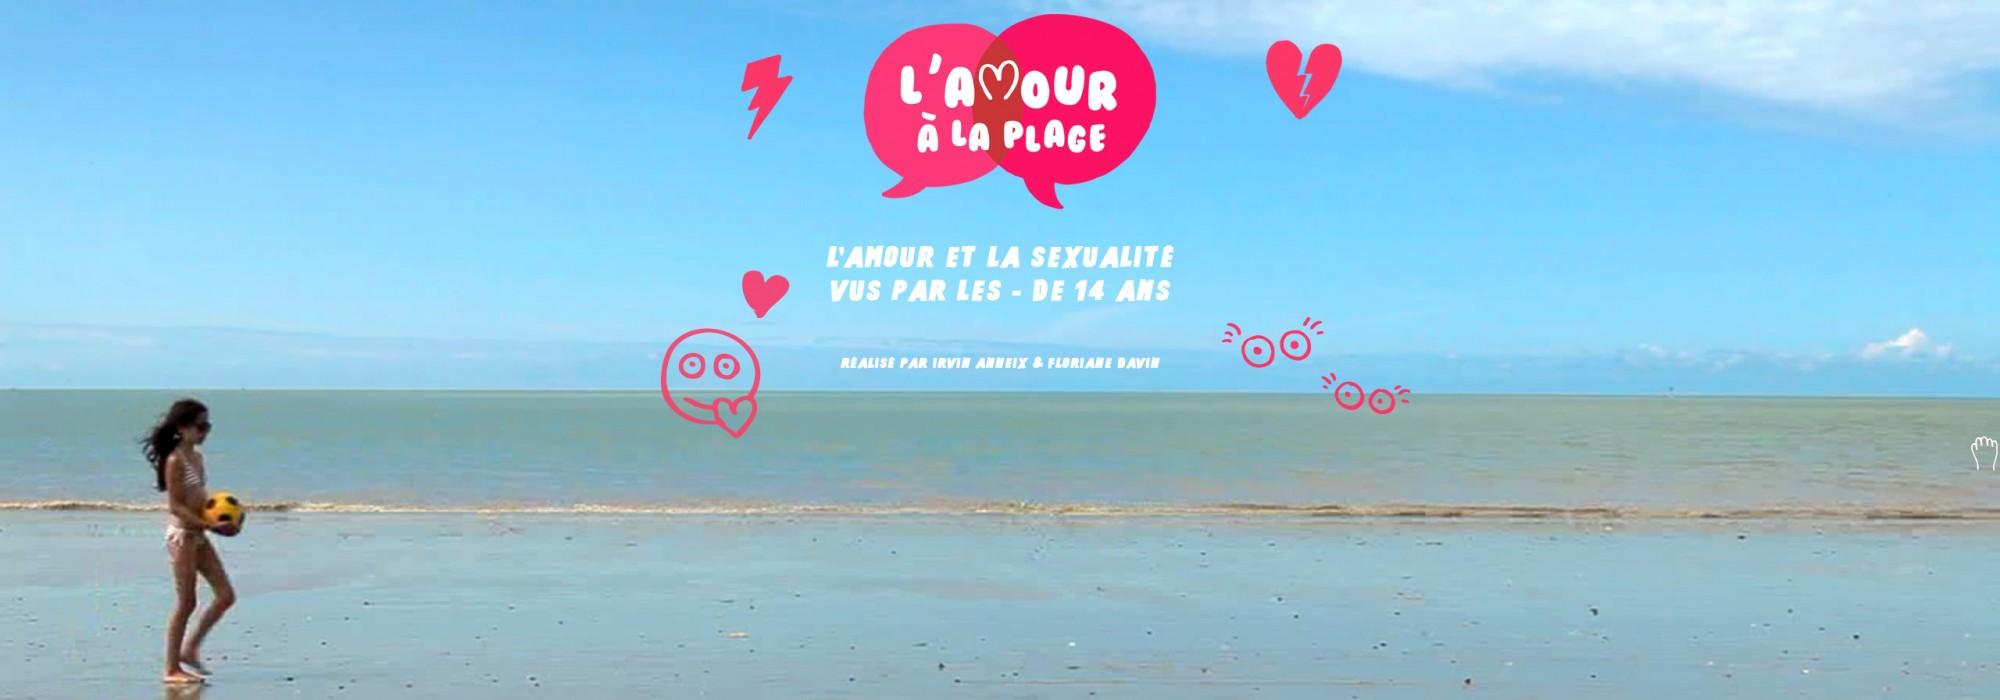 amour a la plage